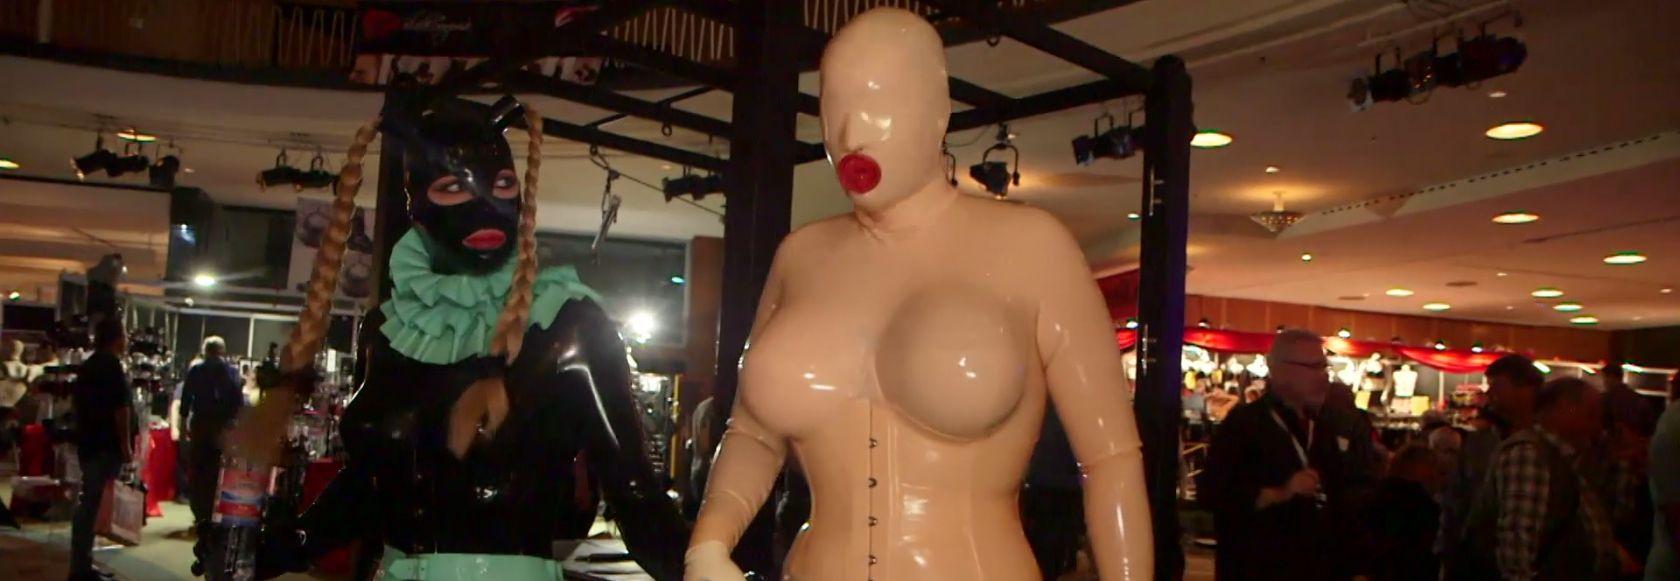 Porn stars, live show, gadgets... visite du salon Venus à Berlin avec le Journal du Hard